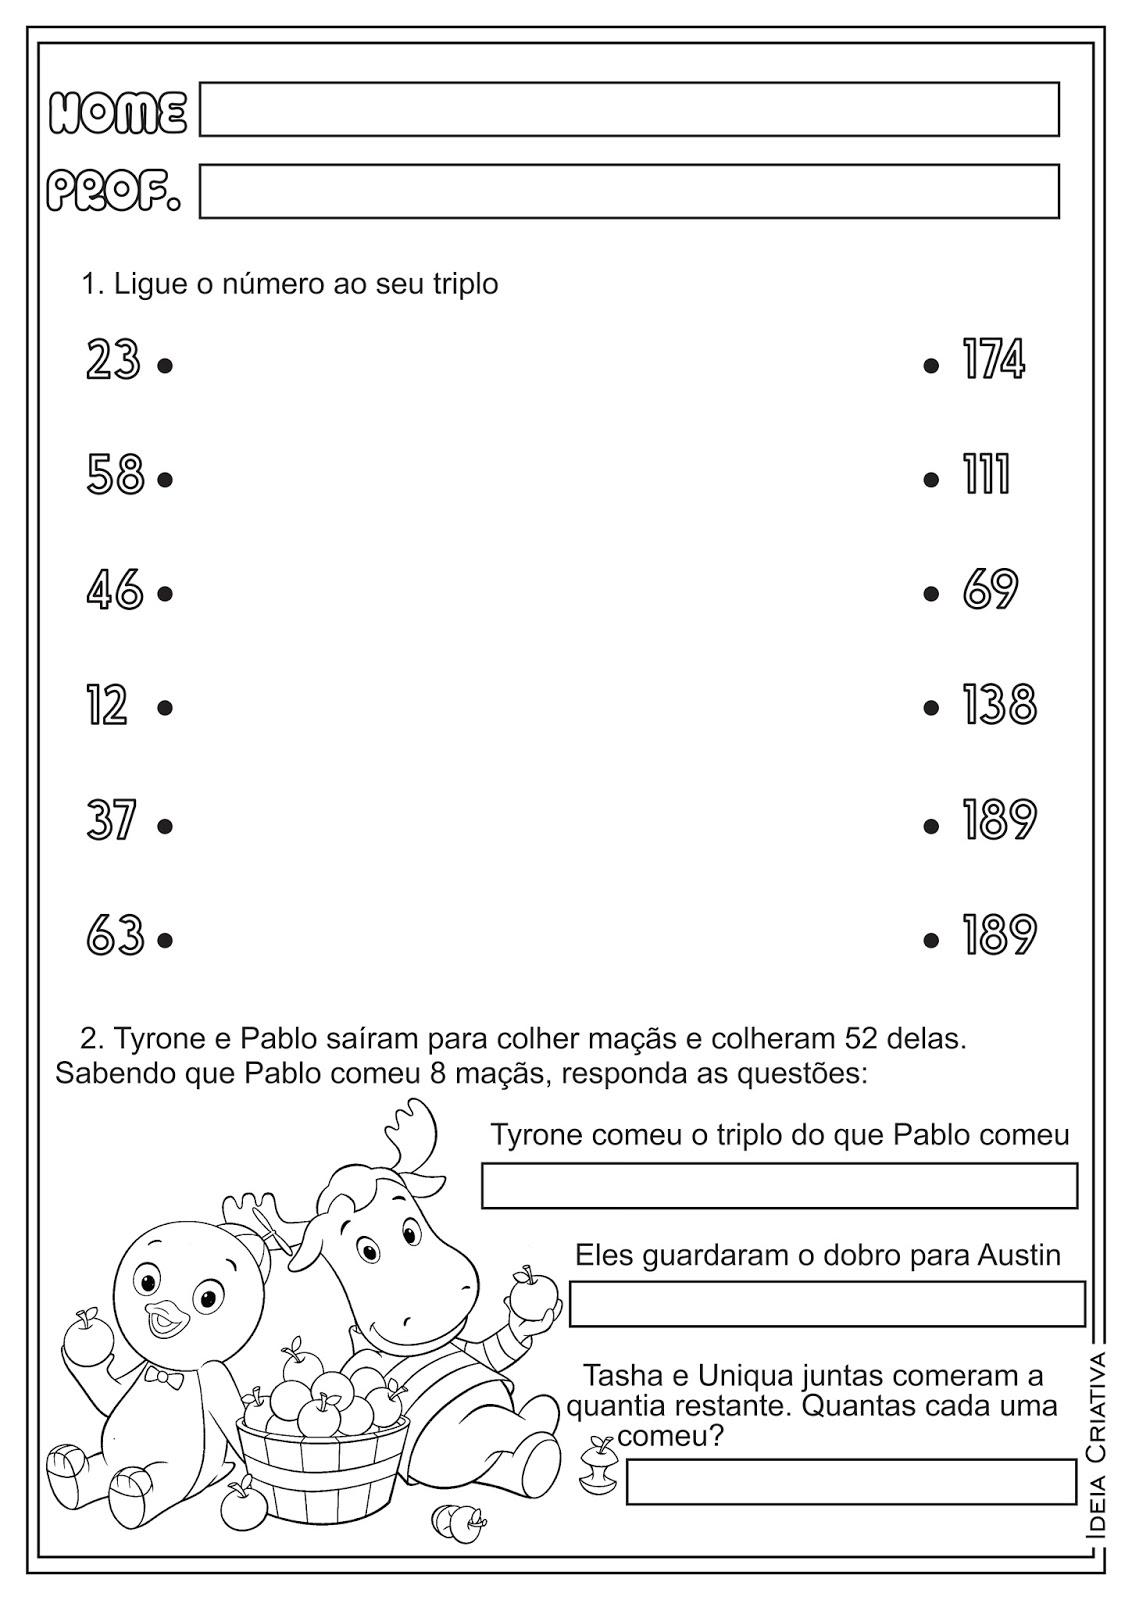 atividades-matematica-dobro-triplo-e-metade-contas-armadas-ideia-criativa-ensino-fundamental (1)